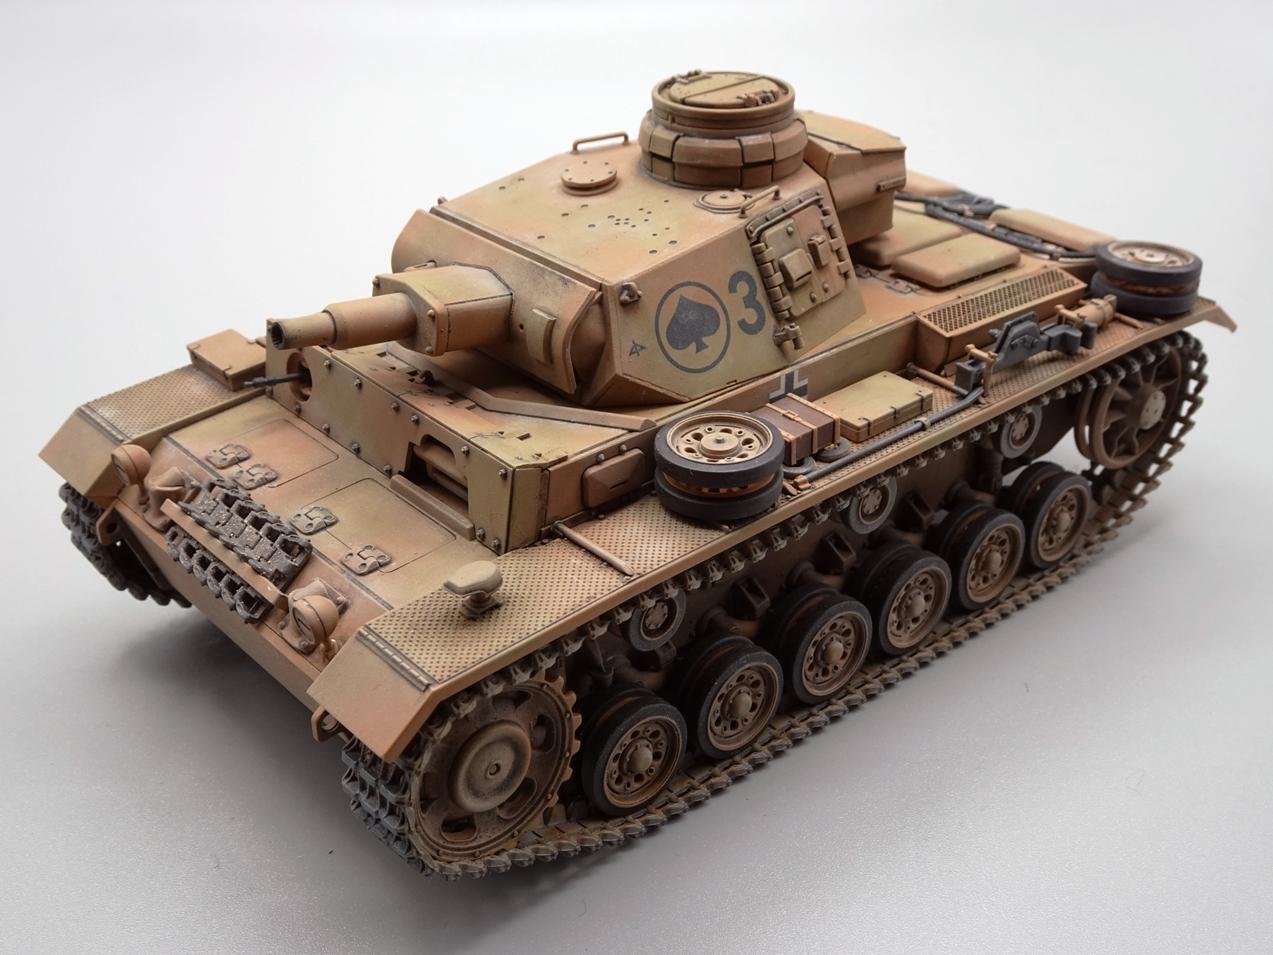 [Tamiya 1/35] Pz III Ausf.N (Sd.Kfz.141/2) réf. 35290 - Page 2 PZIII-fini-3